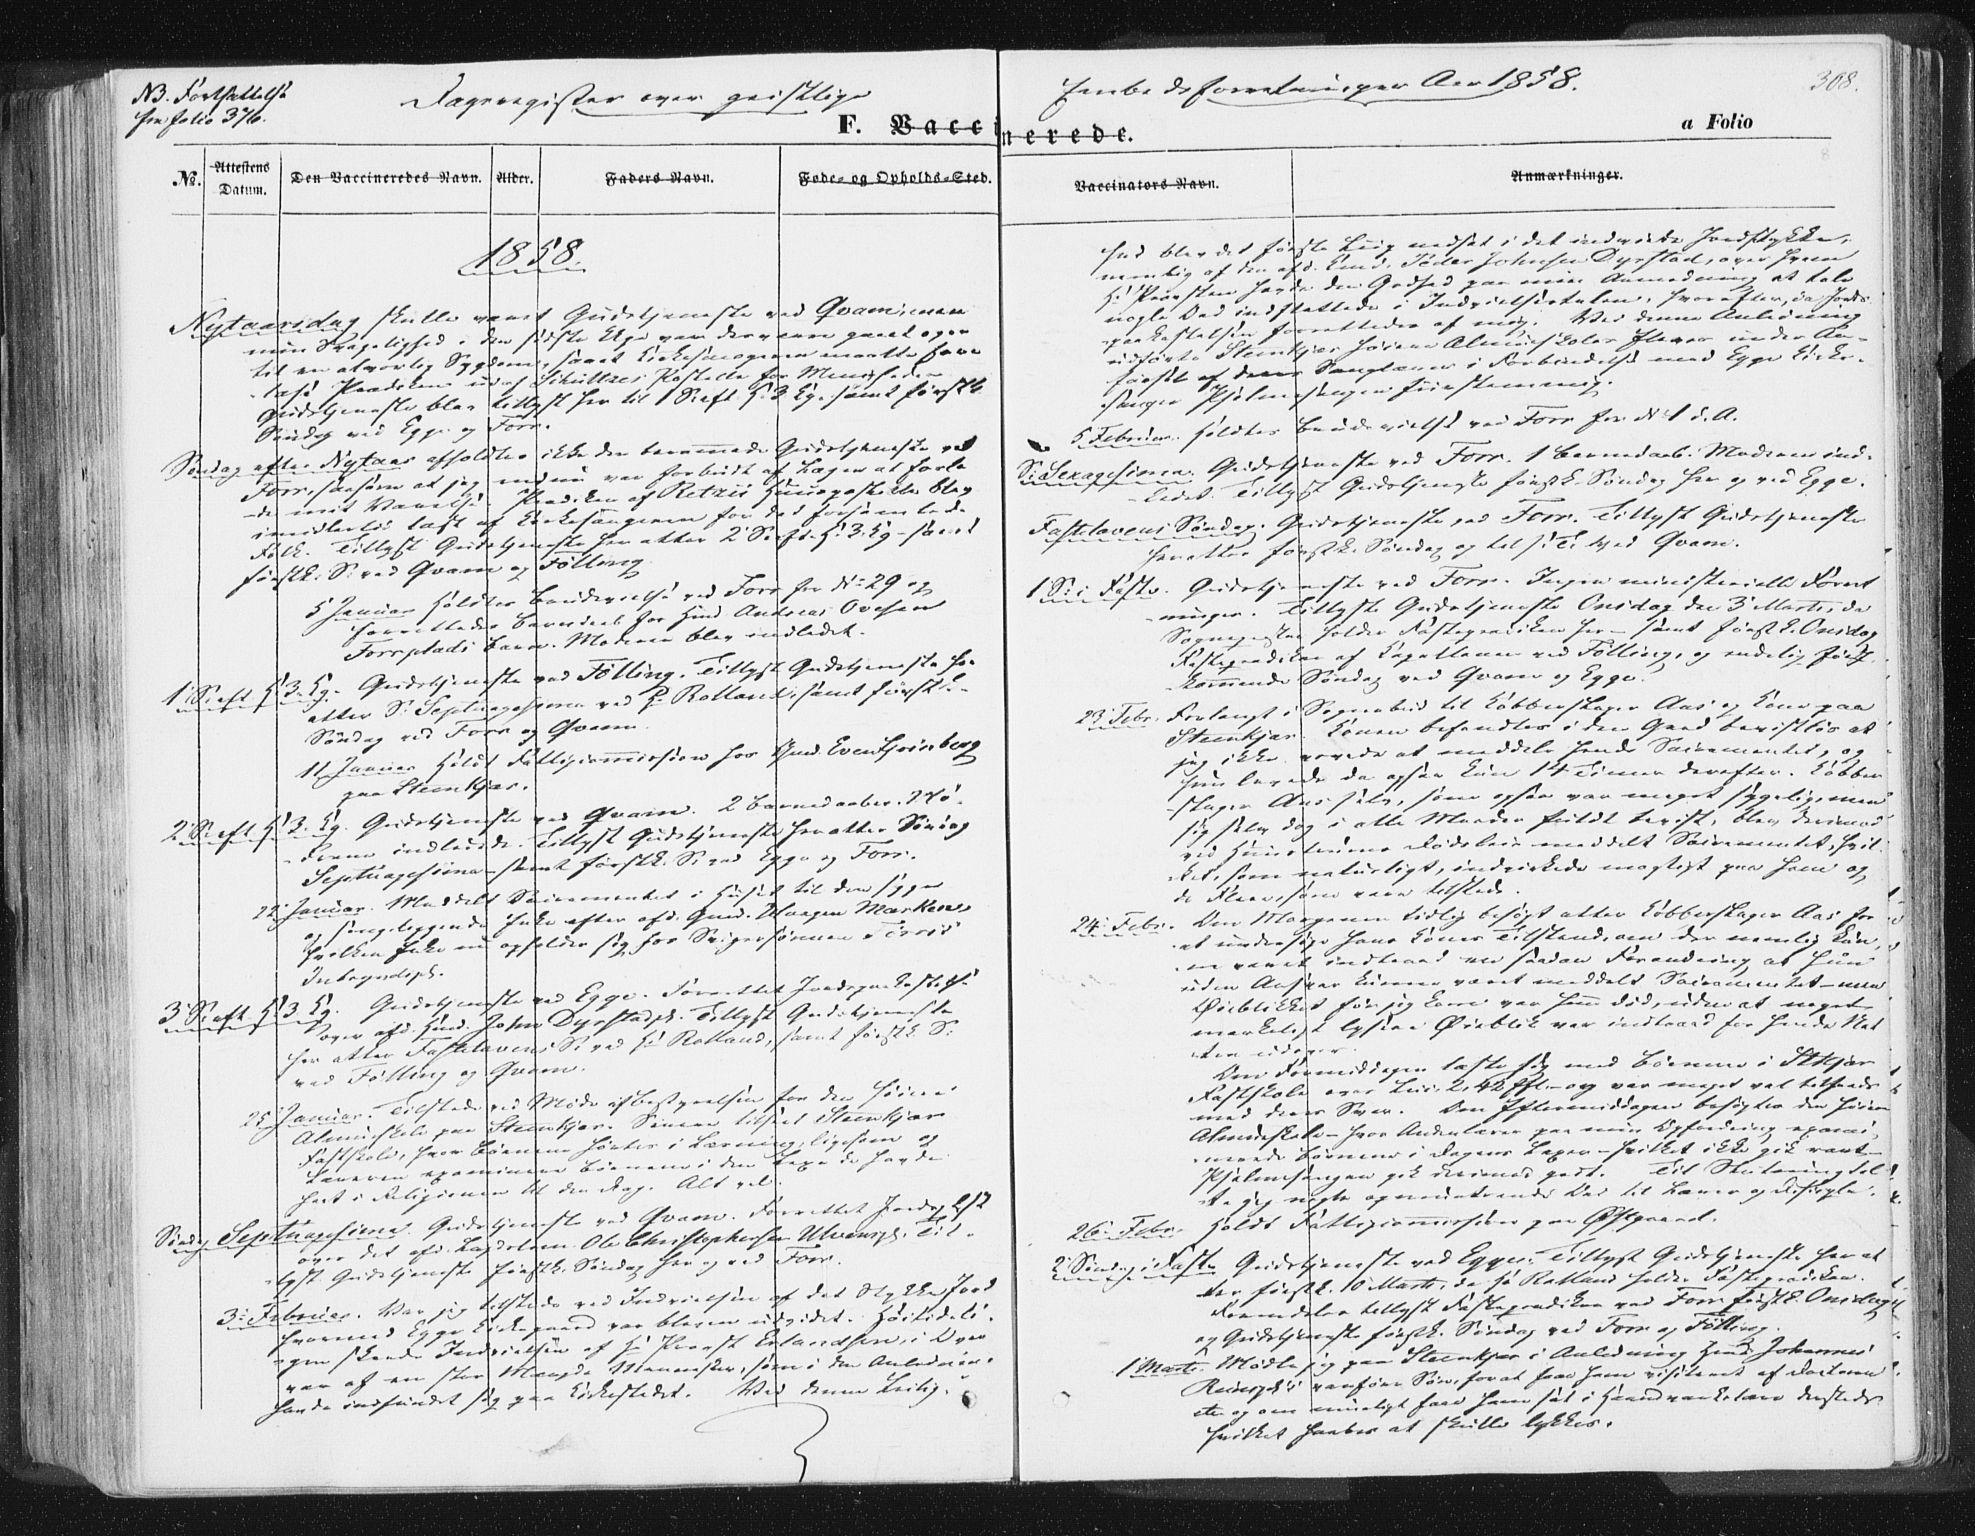 SAT, Ministerialprotokoller, klokkerbøker og fødselsregistre - Nord-Trøndelag, 746/L0446: Ministerialbok nr. 746A05, 1846-1859, s. 308